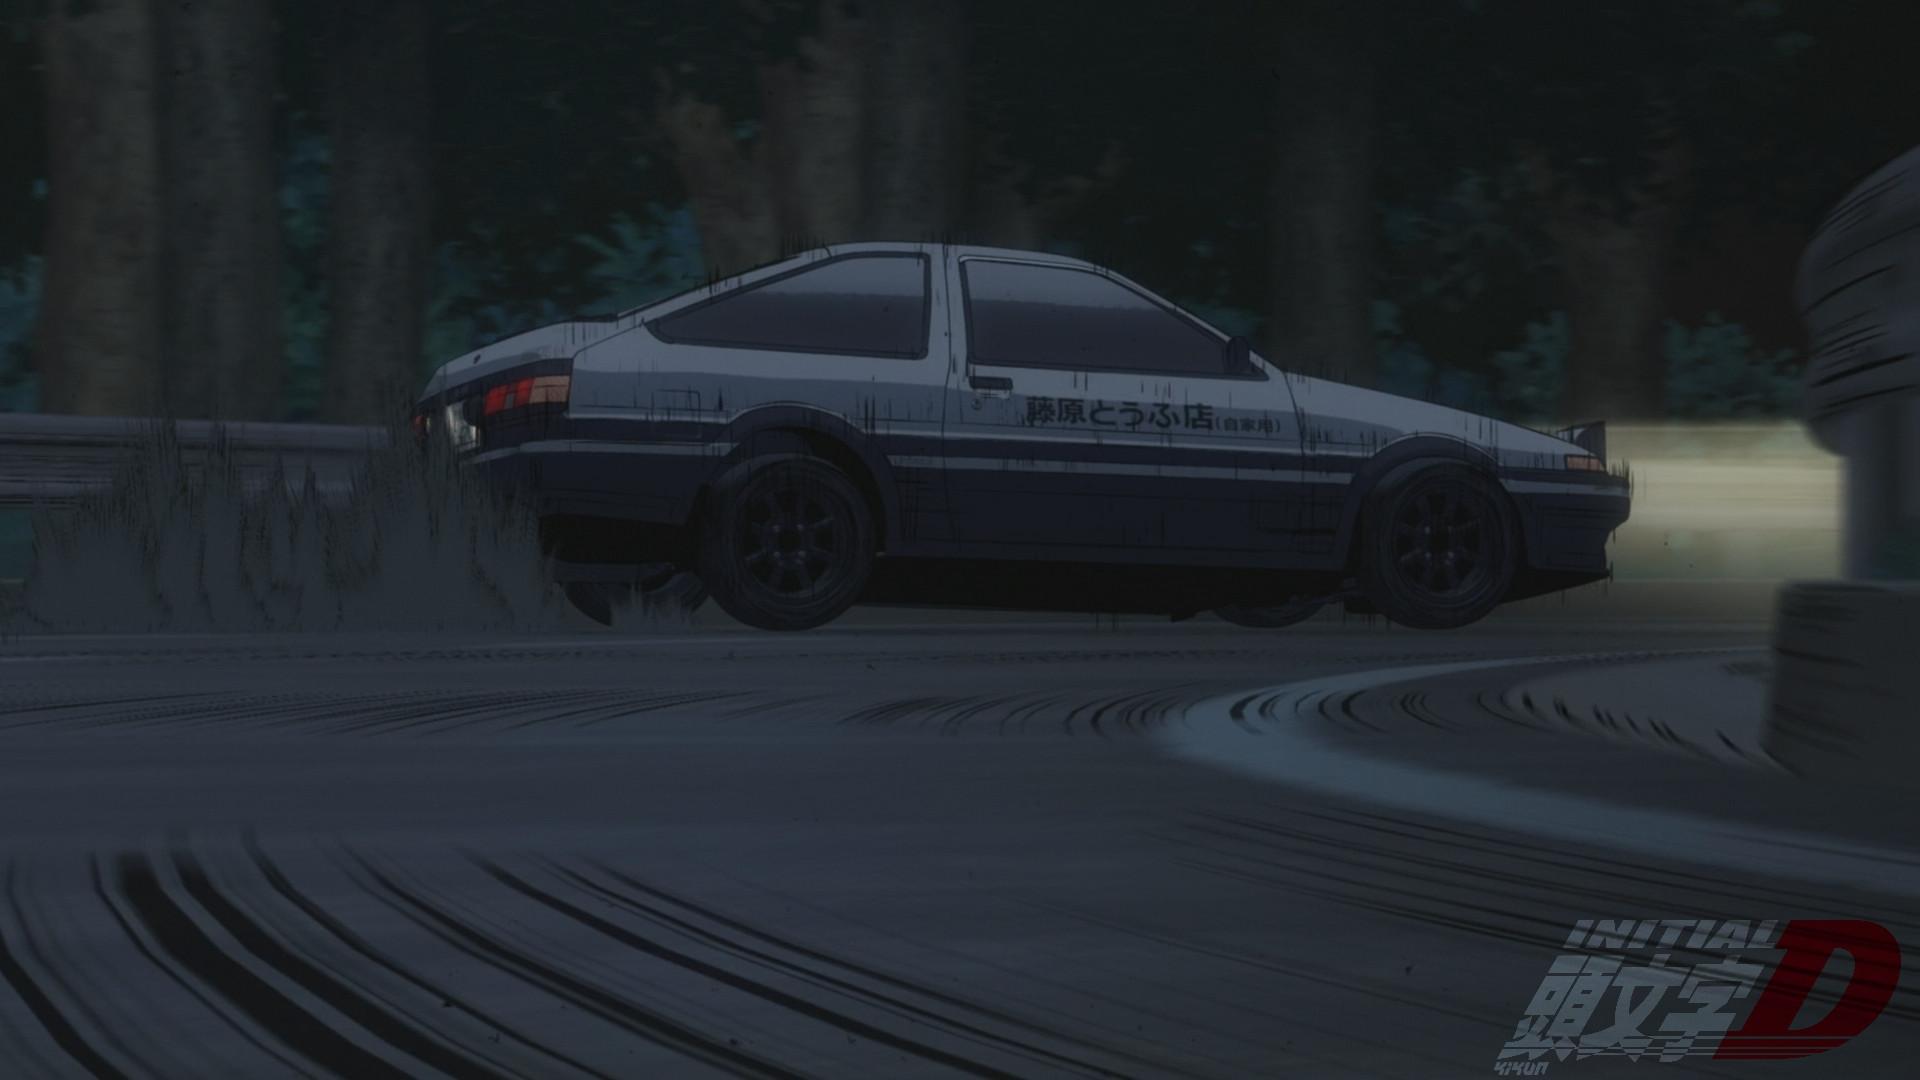 Forza 7 Car Wallpaper Initial D Wallpaper Hd 62 Images